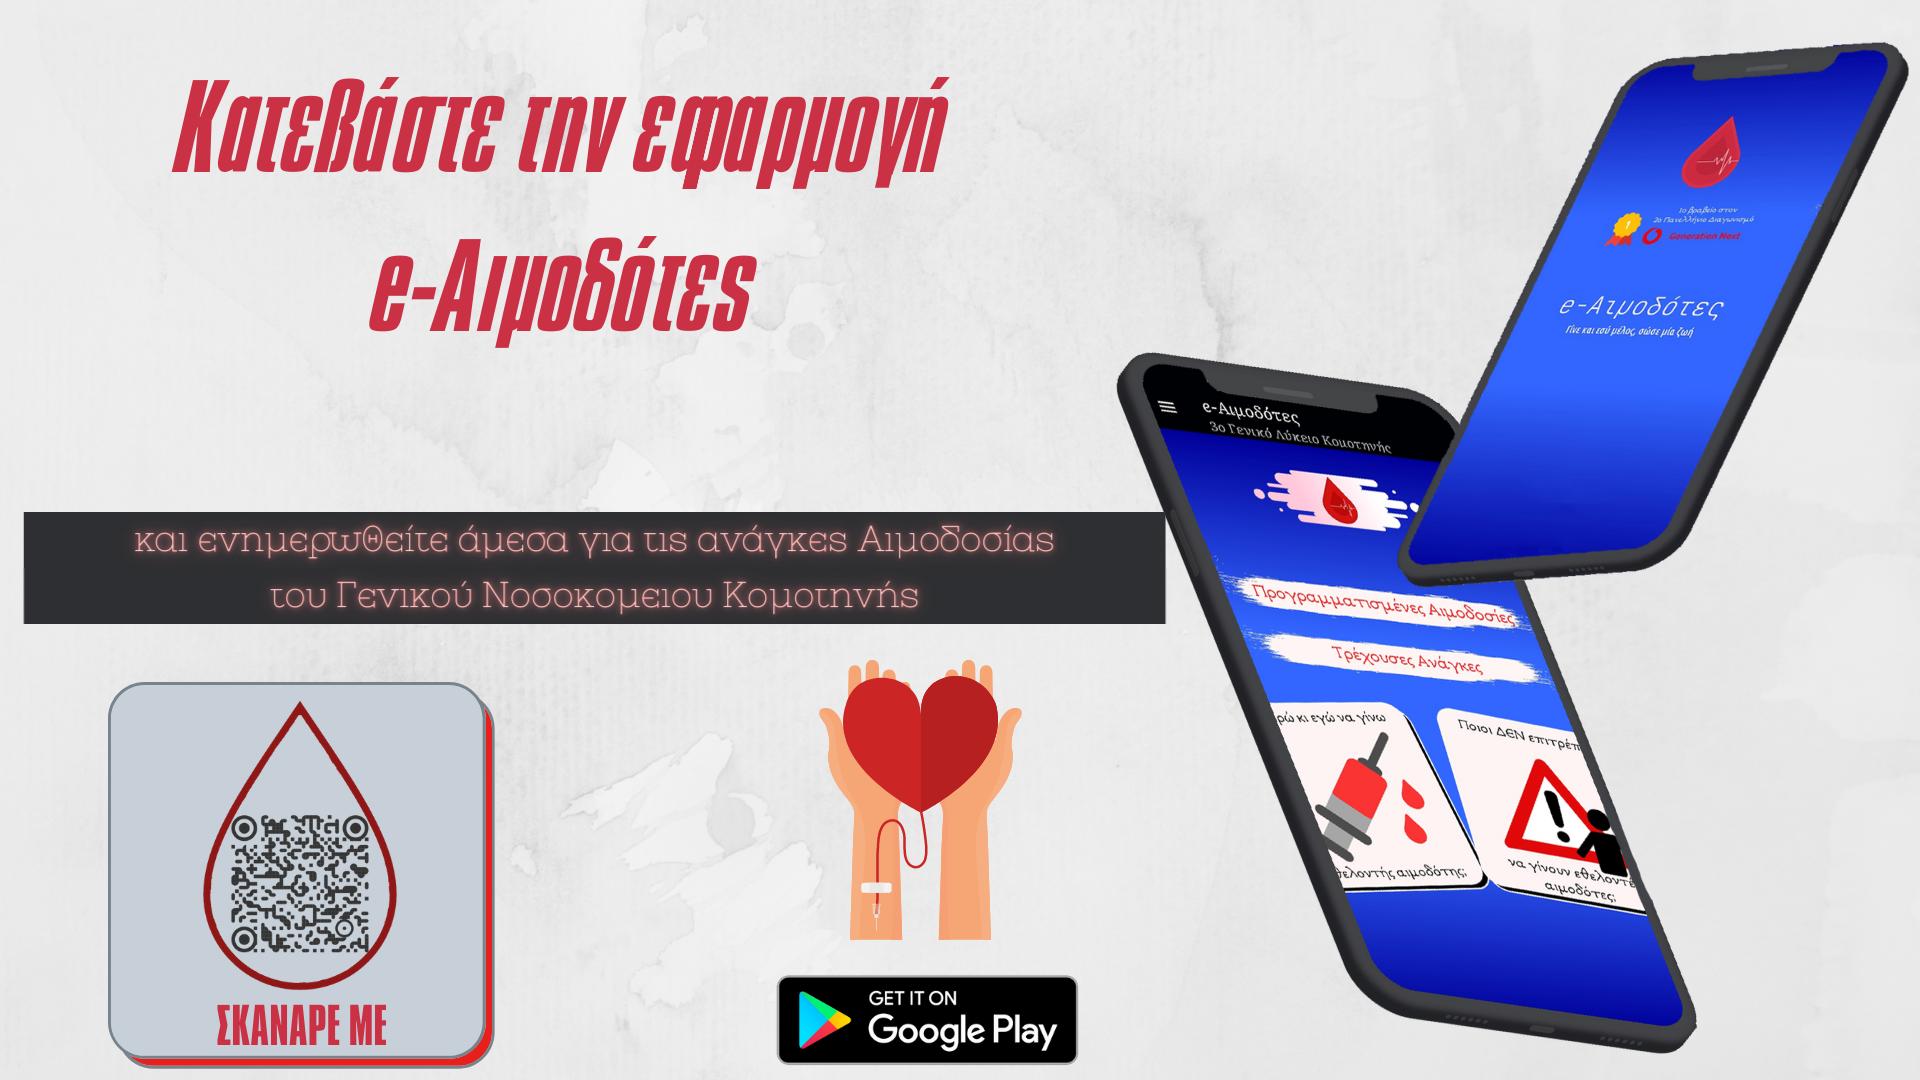 Download-e-aimodotes